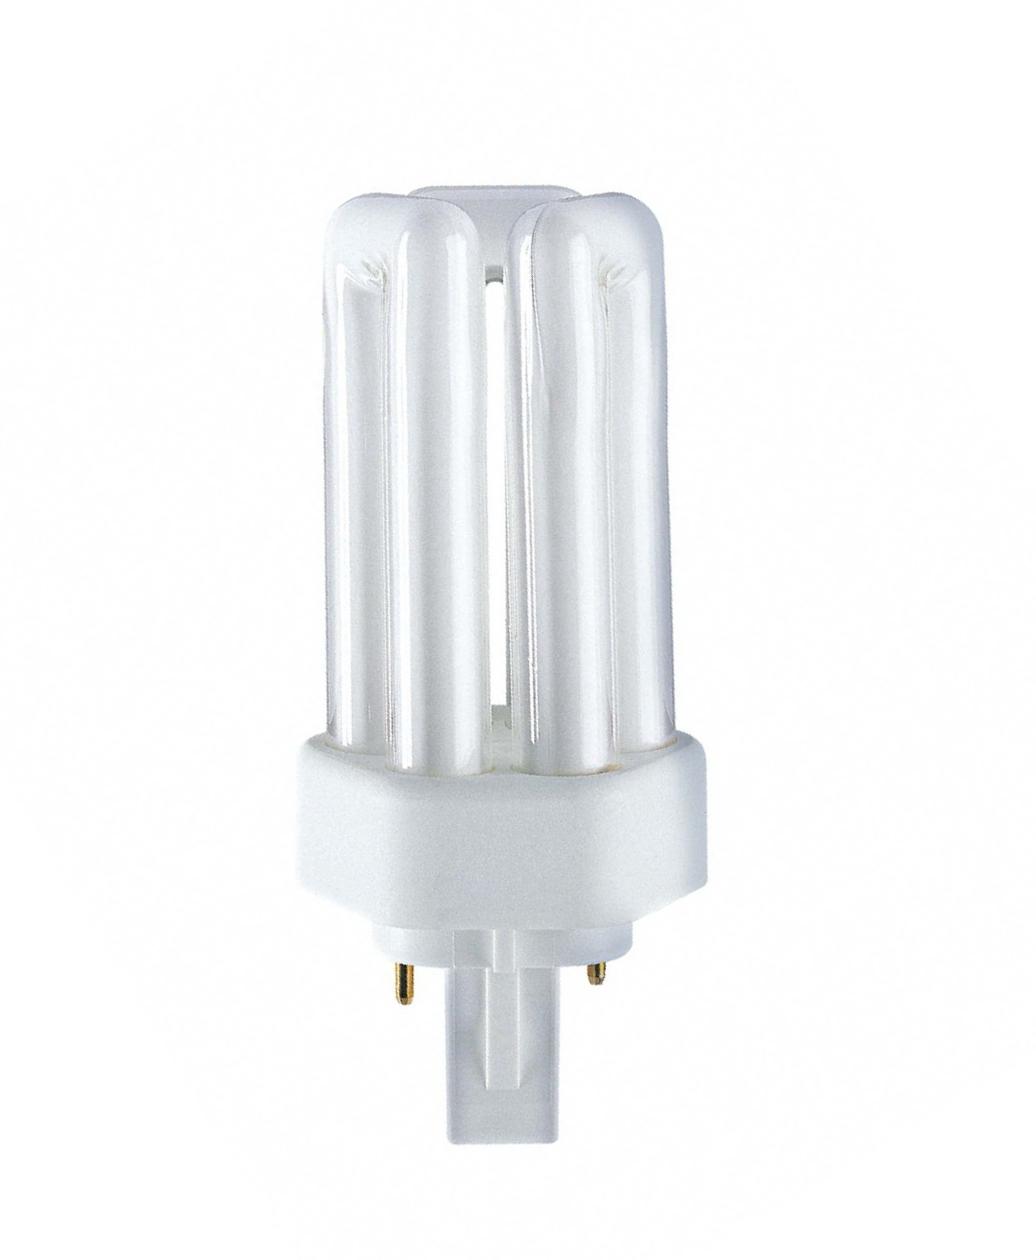 1 Stk TC-T 26W 827 Gx24D-3, Kompaktleuchtstofflampe LI5V342085